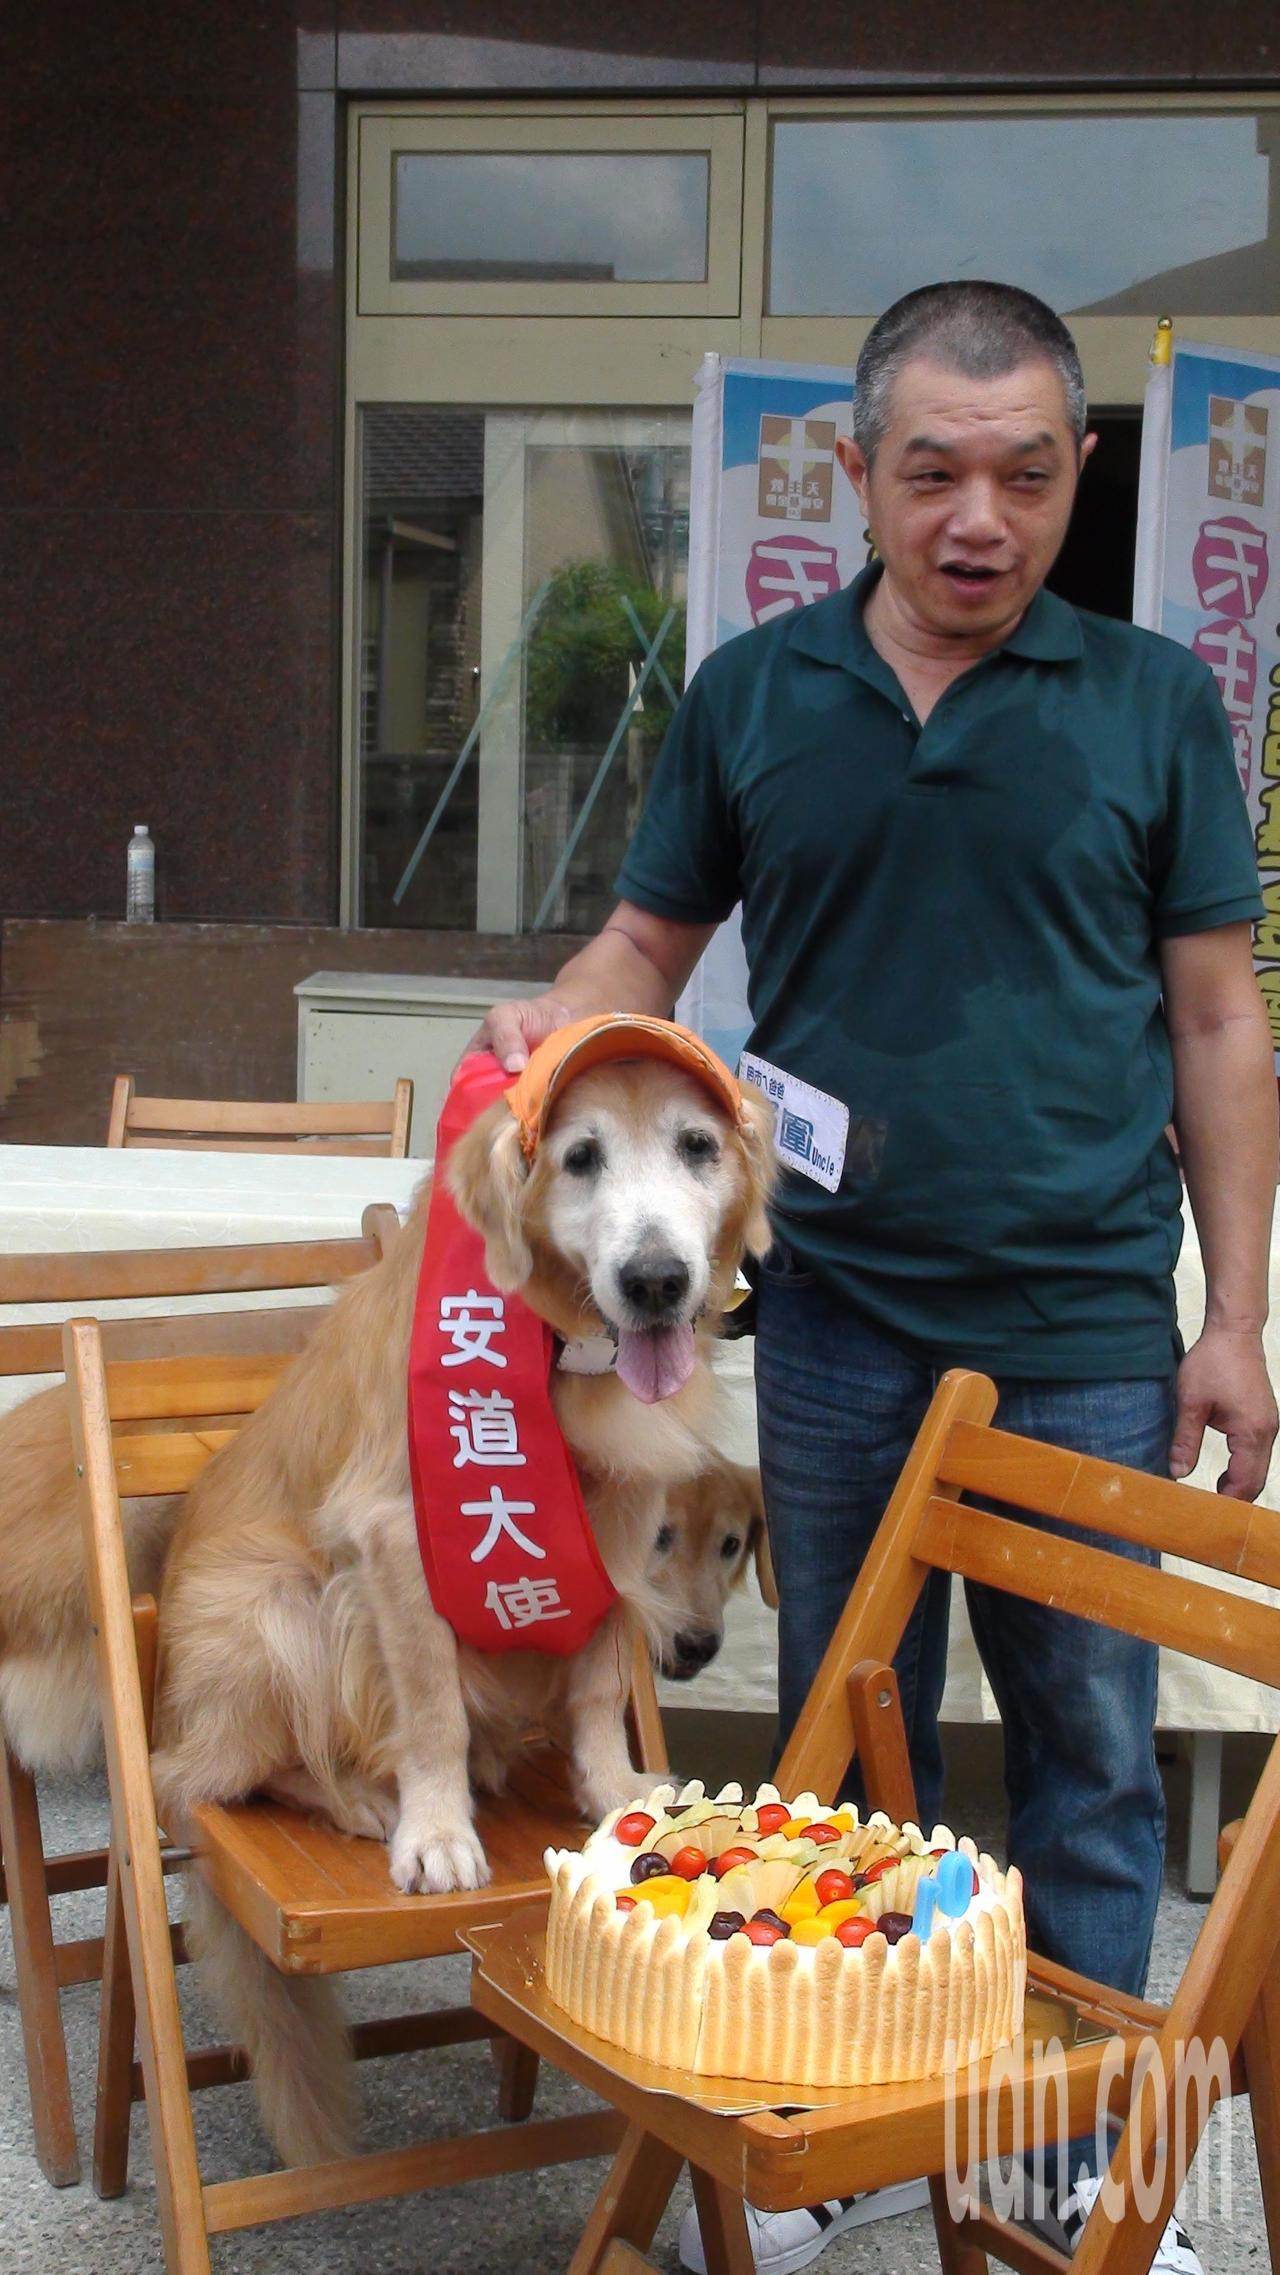 網紅黃金獵犬罔市曾是流浪狗,邱圍帶回家訓練成服務犬。記者謝恩得/攝影